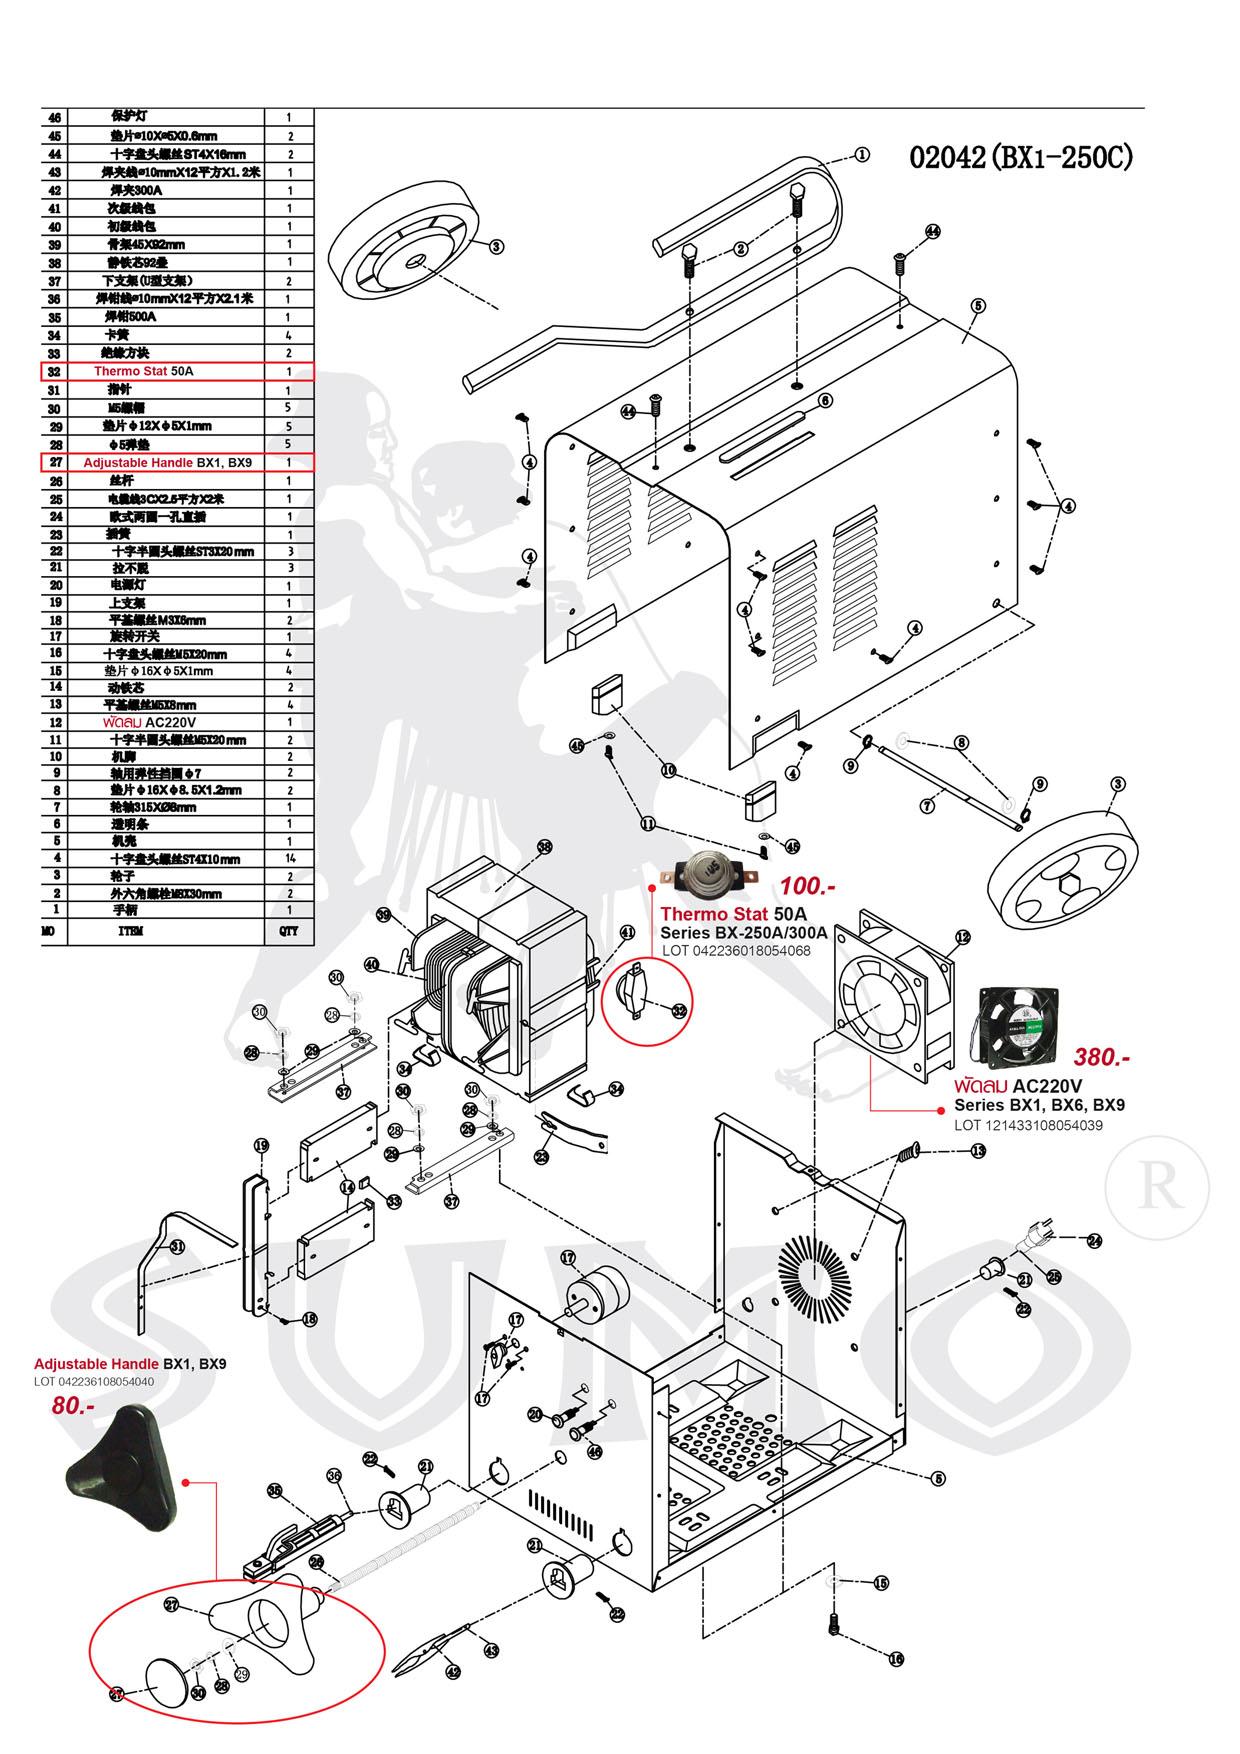 (103/239) เครื่องเชื่อมไฟฟ้า - Welding Machine BX6-300 Series